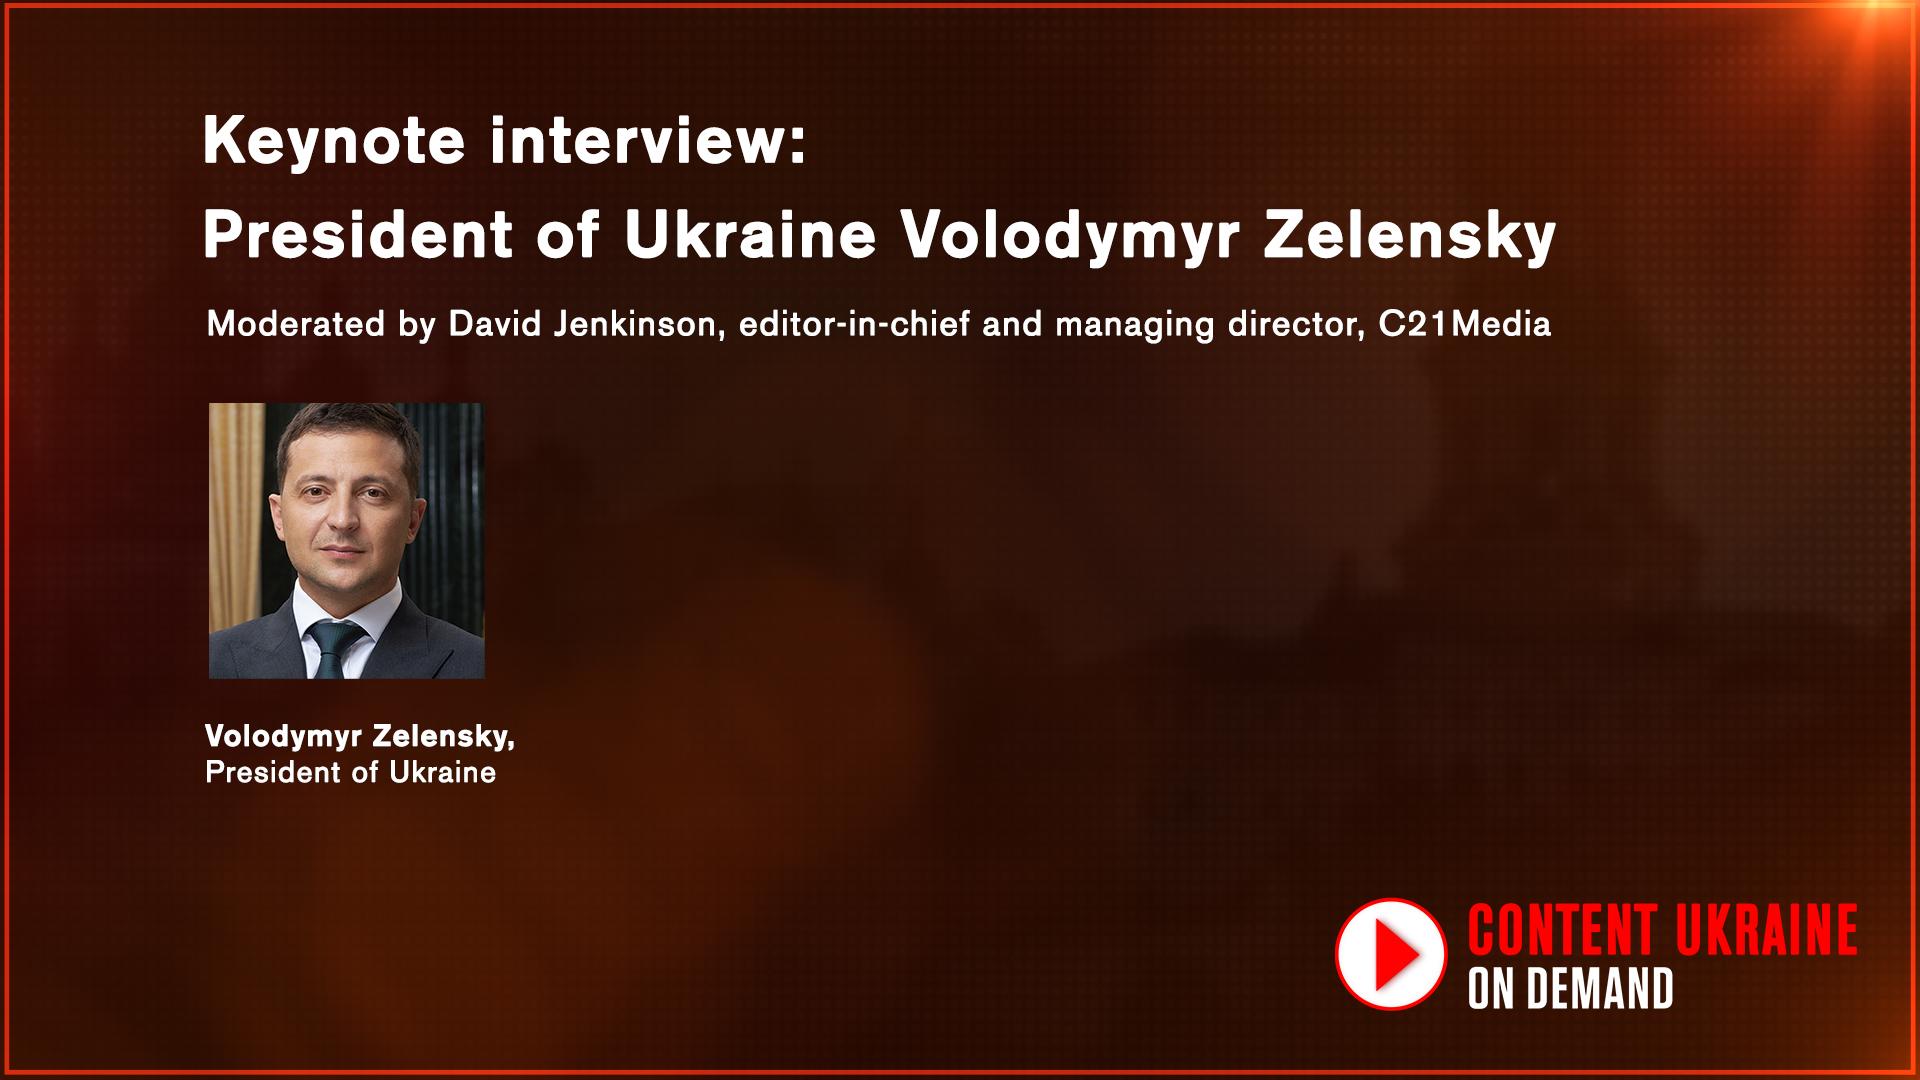 Keynote interview:  President of Ukraine Volodymyr Zelensky